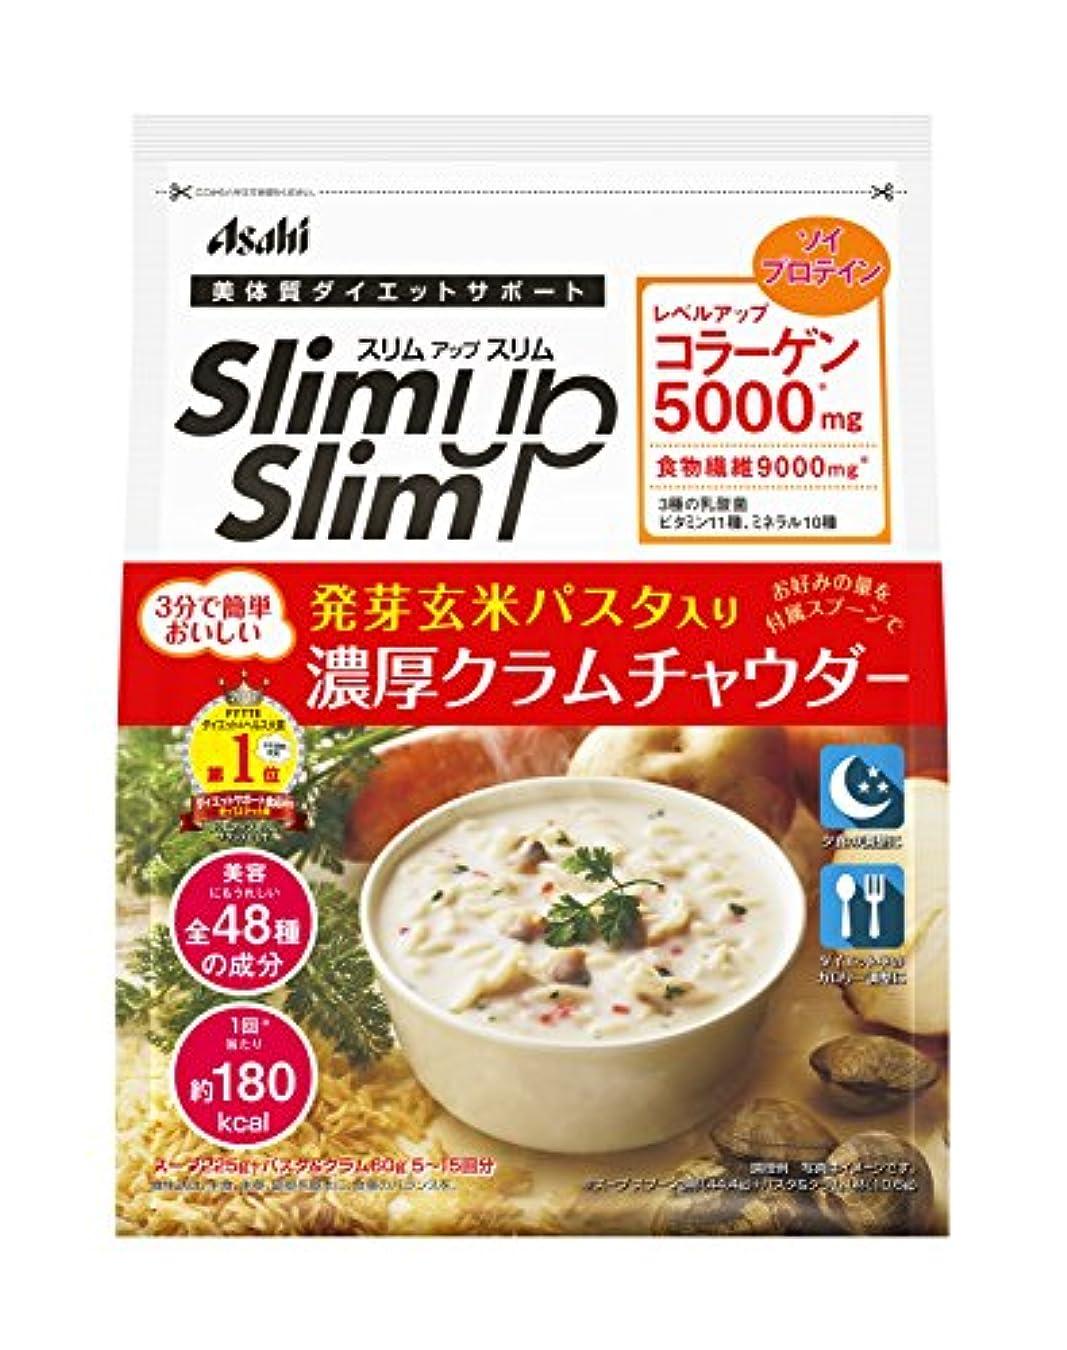 スリムアップスリム 発芽玄米パスタ入り濃厚クラムチャウダー 285g